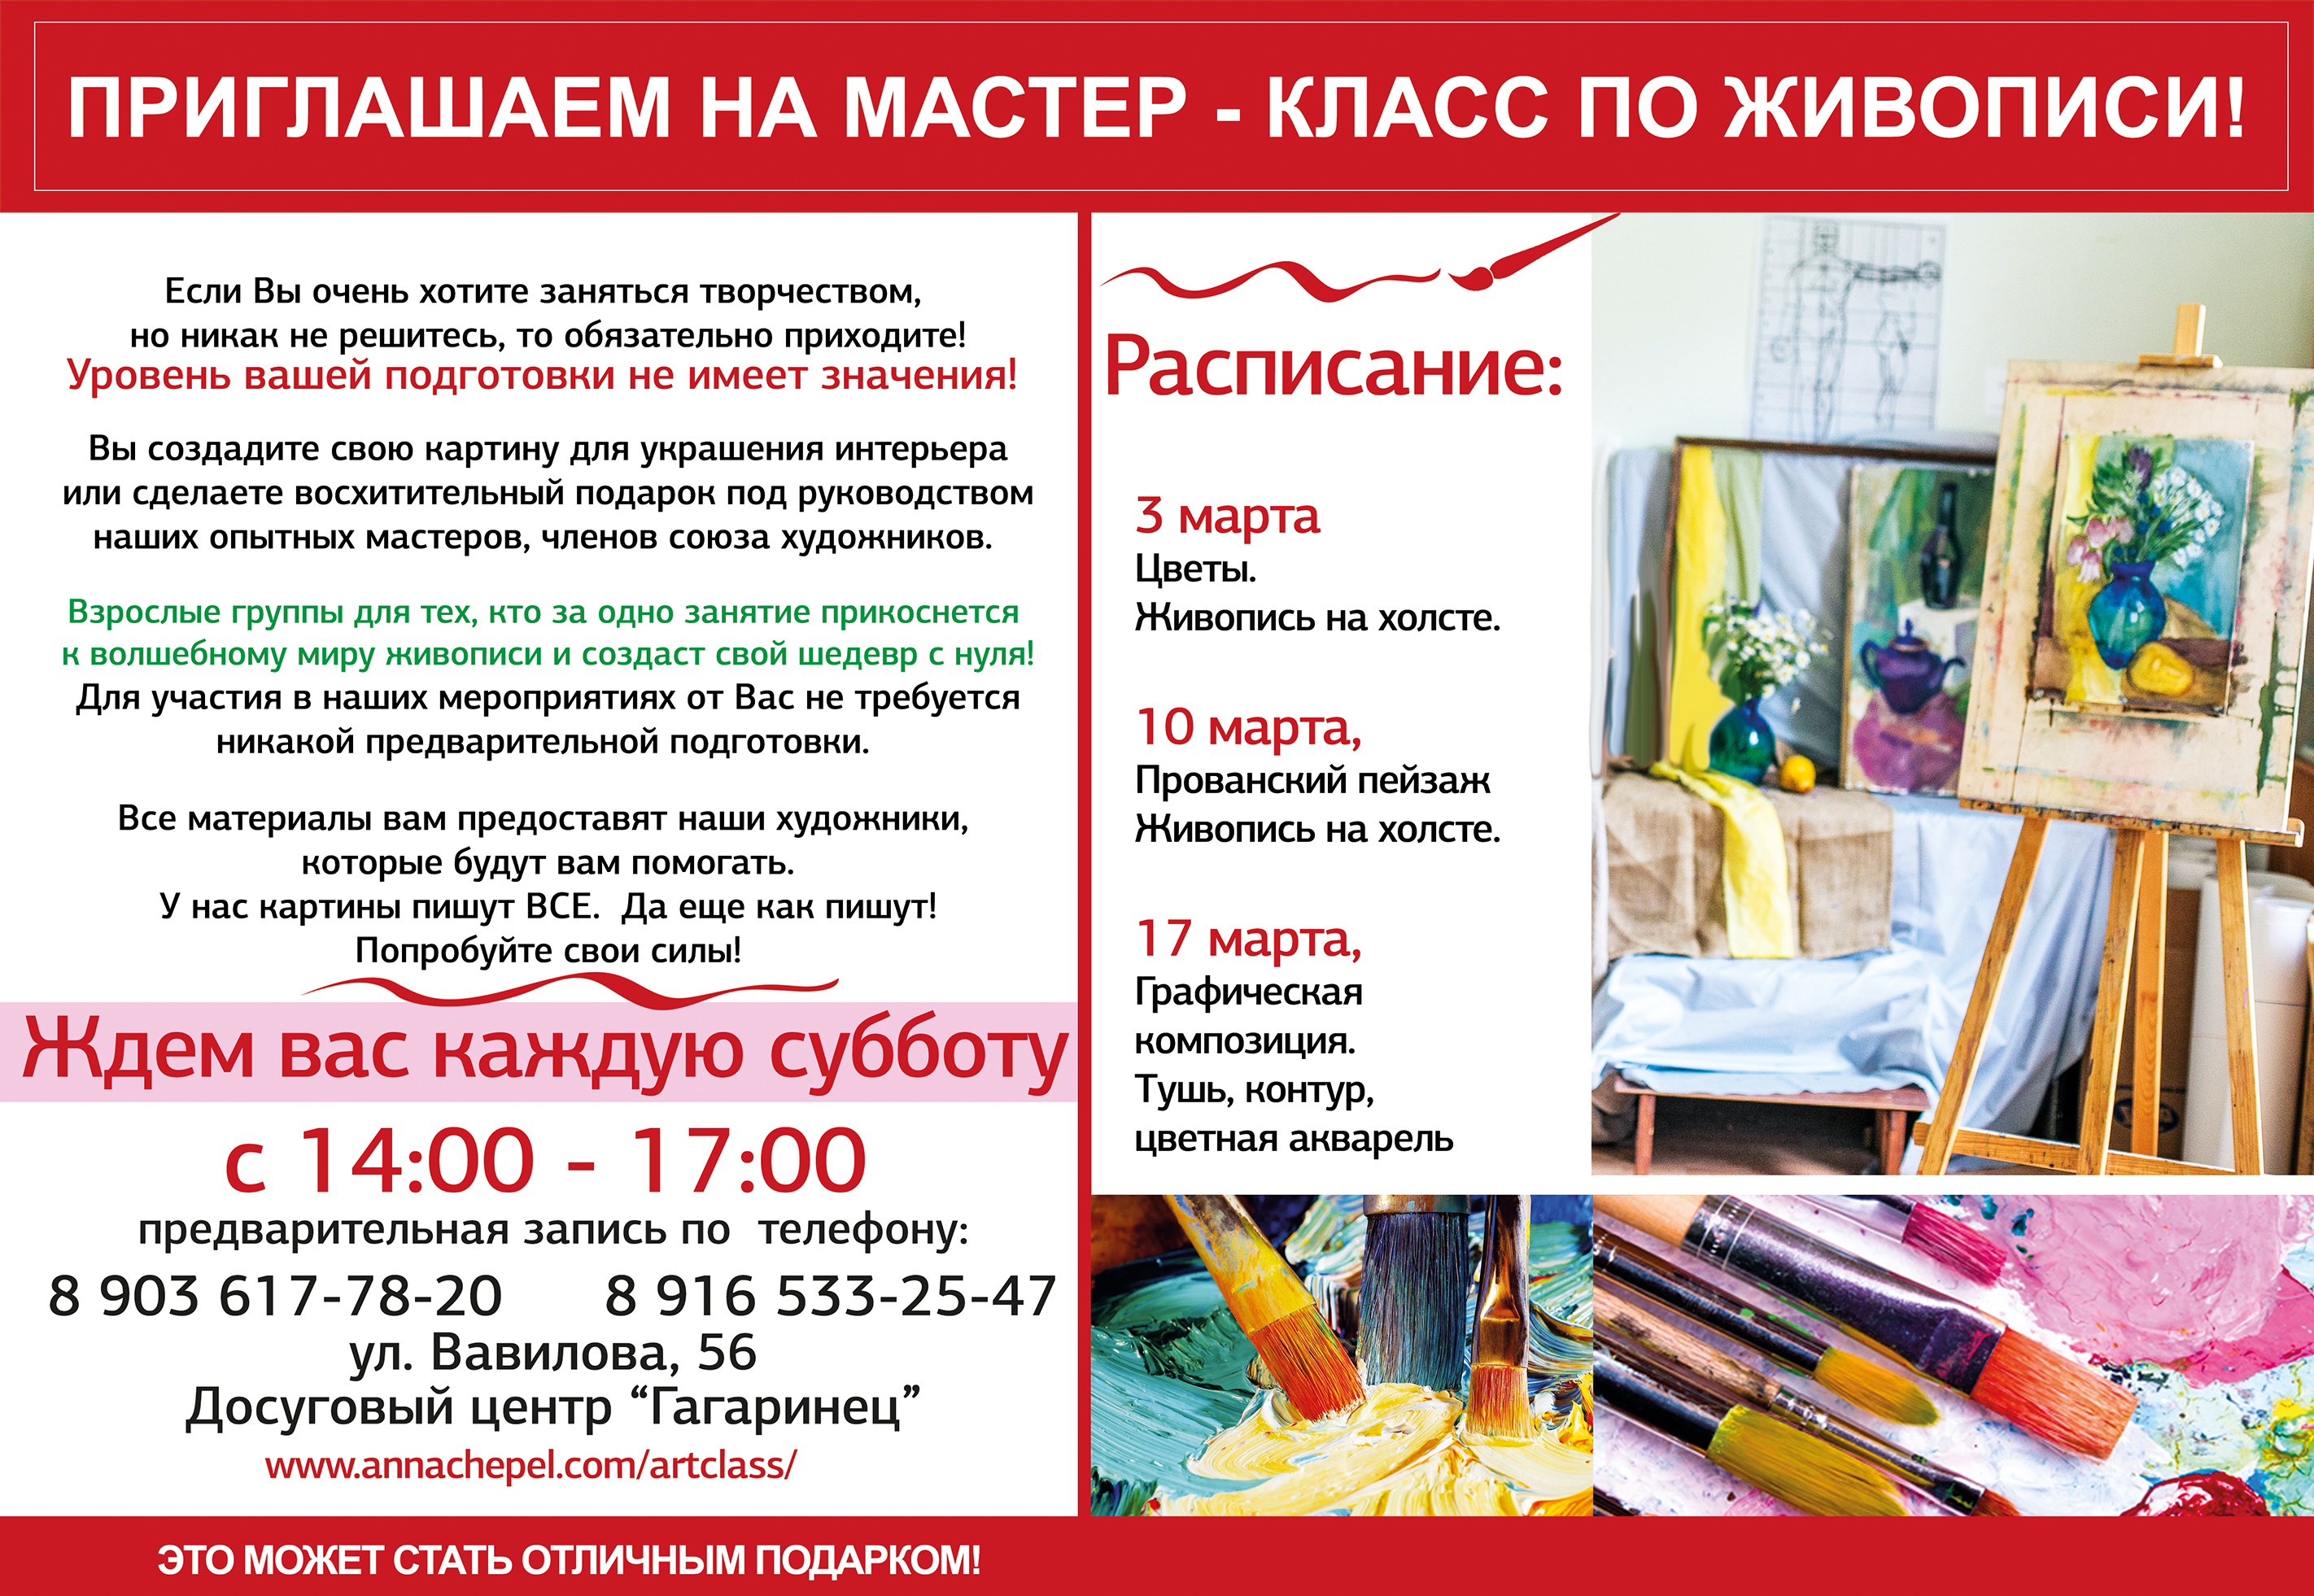 Мастер-классы по рисованию еженедельно. Москва, Вавилова, 56.